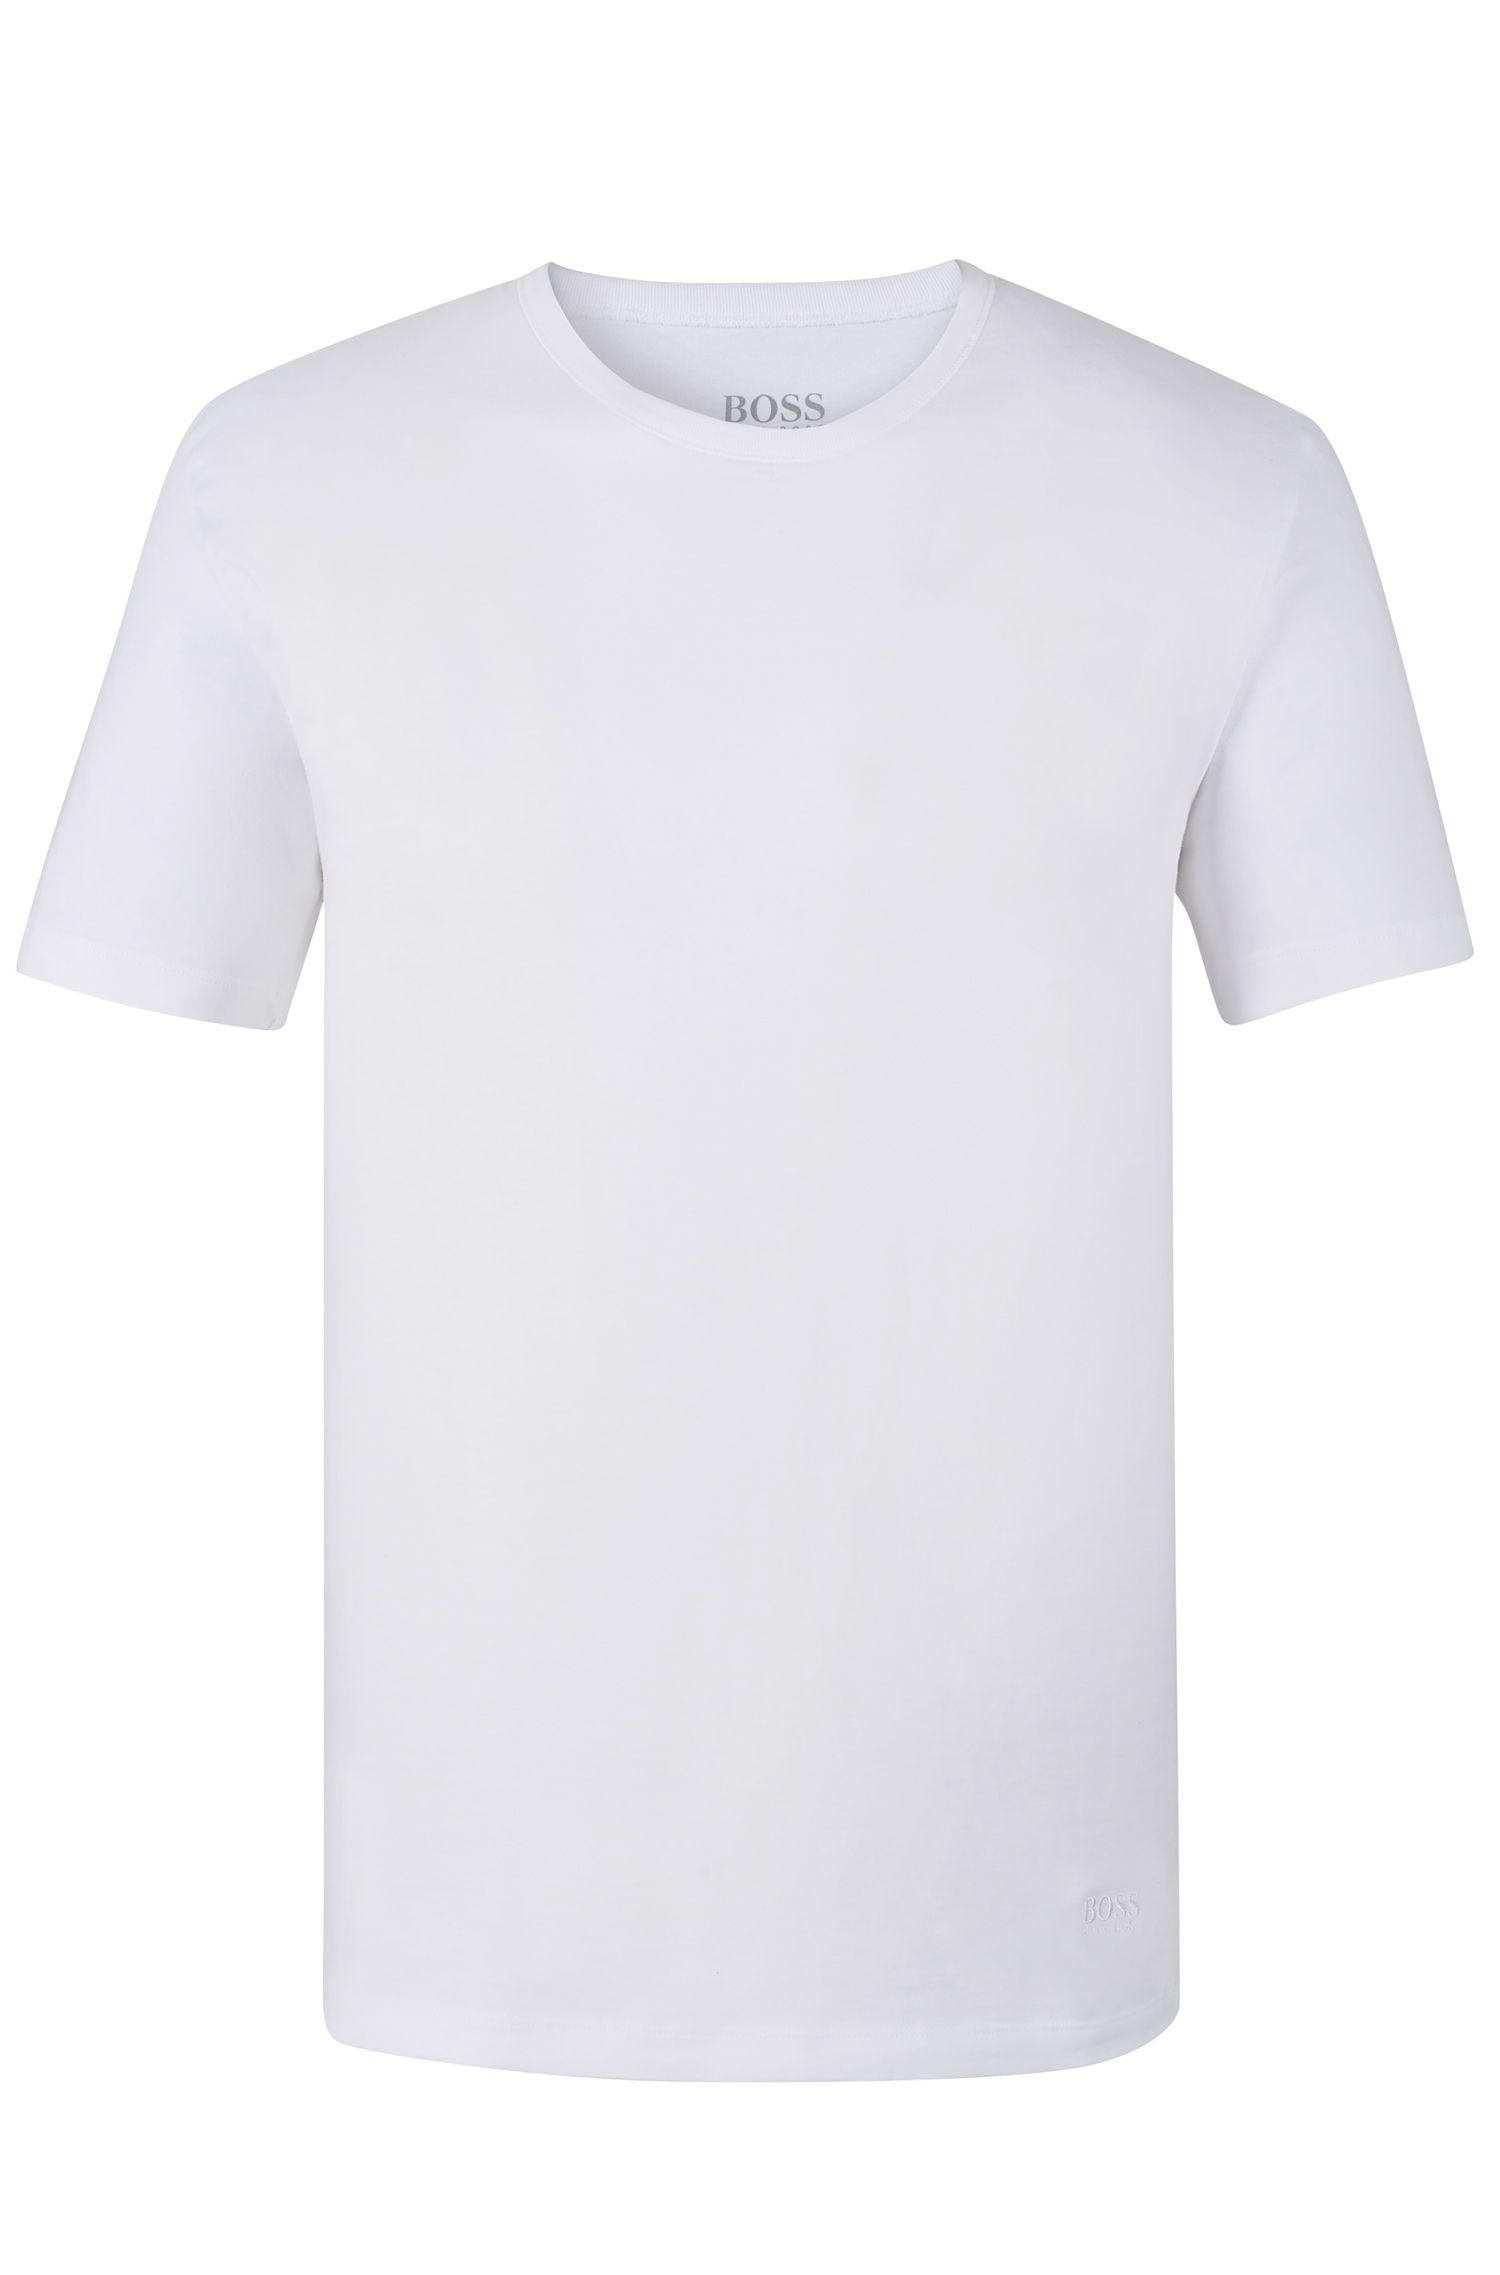 Cotton Jersey T-Shirt, 3-Pack | T-Shirt RN